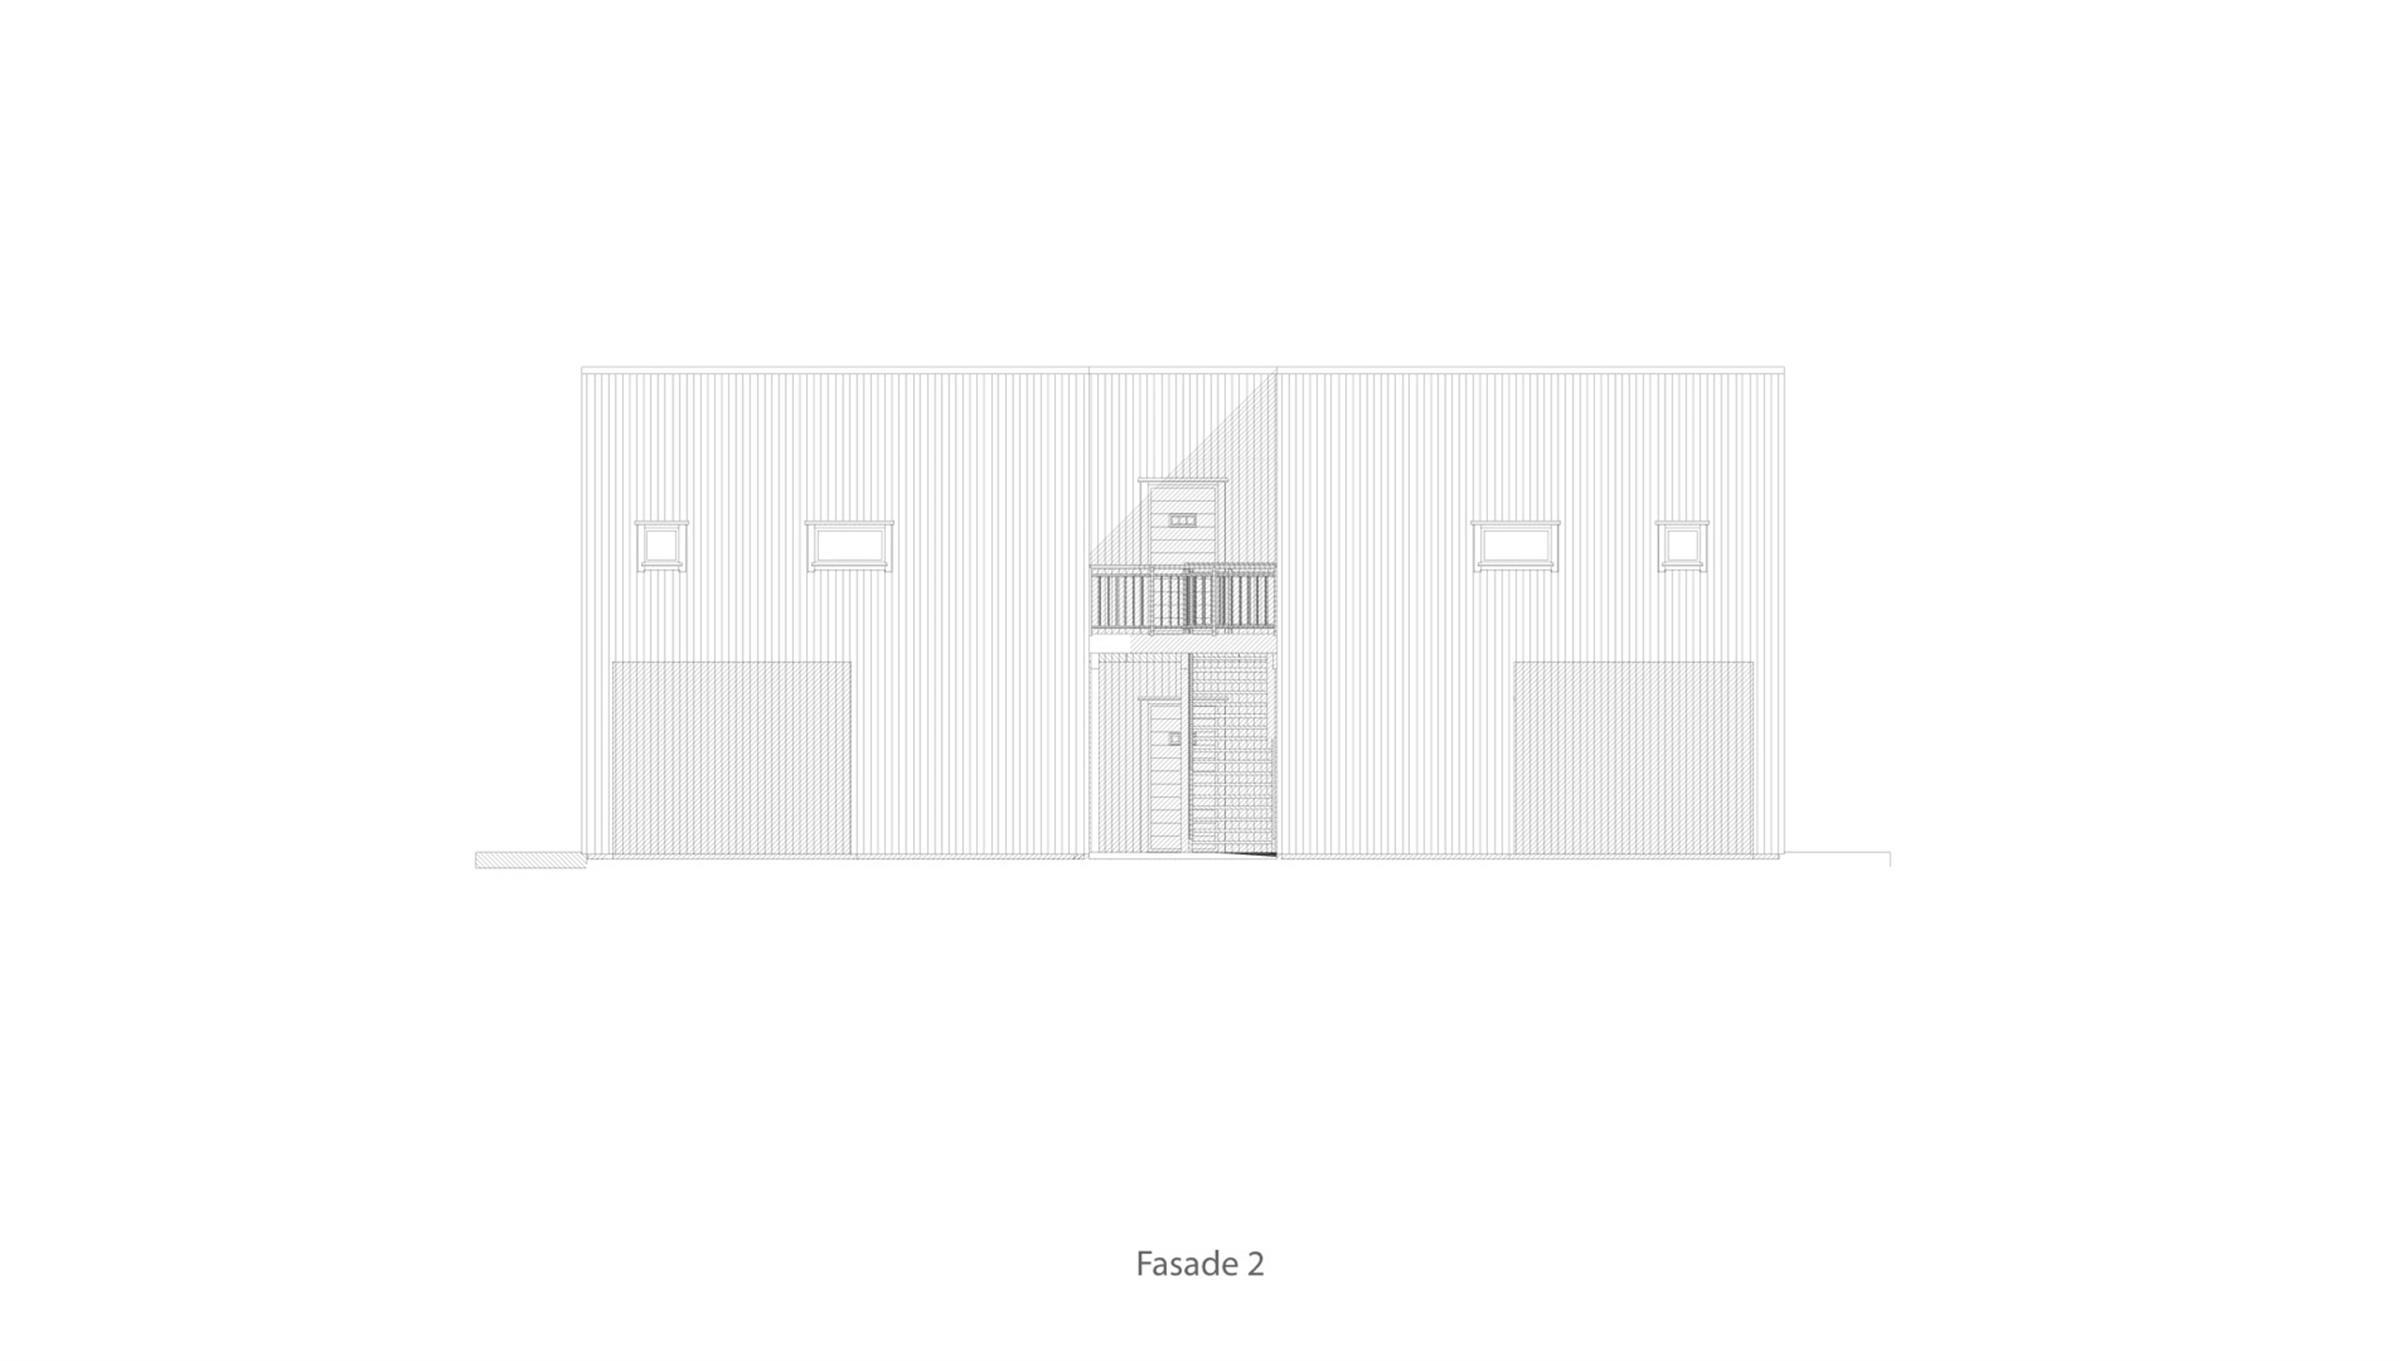 Brumunddal fasade 2